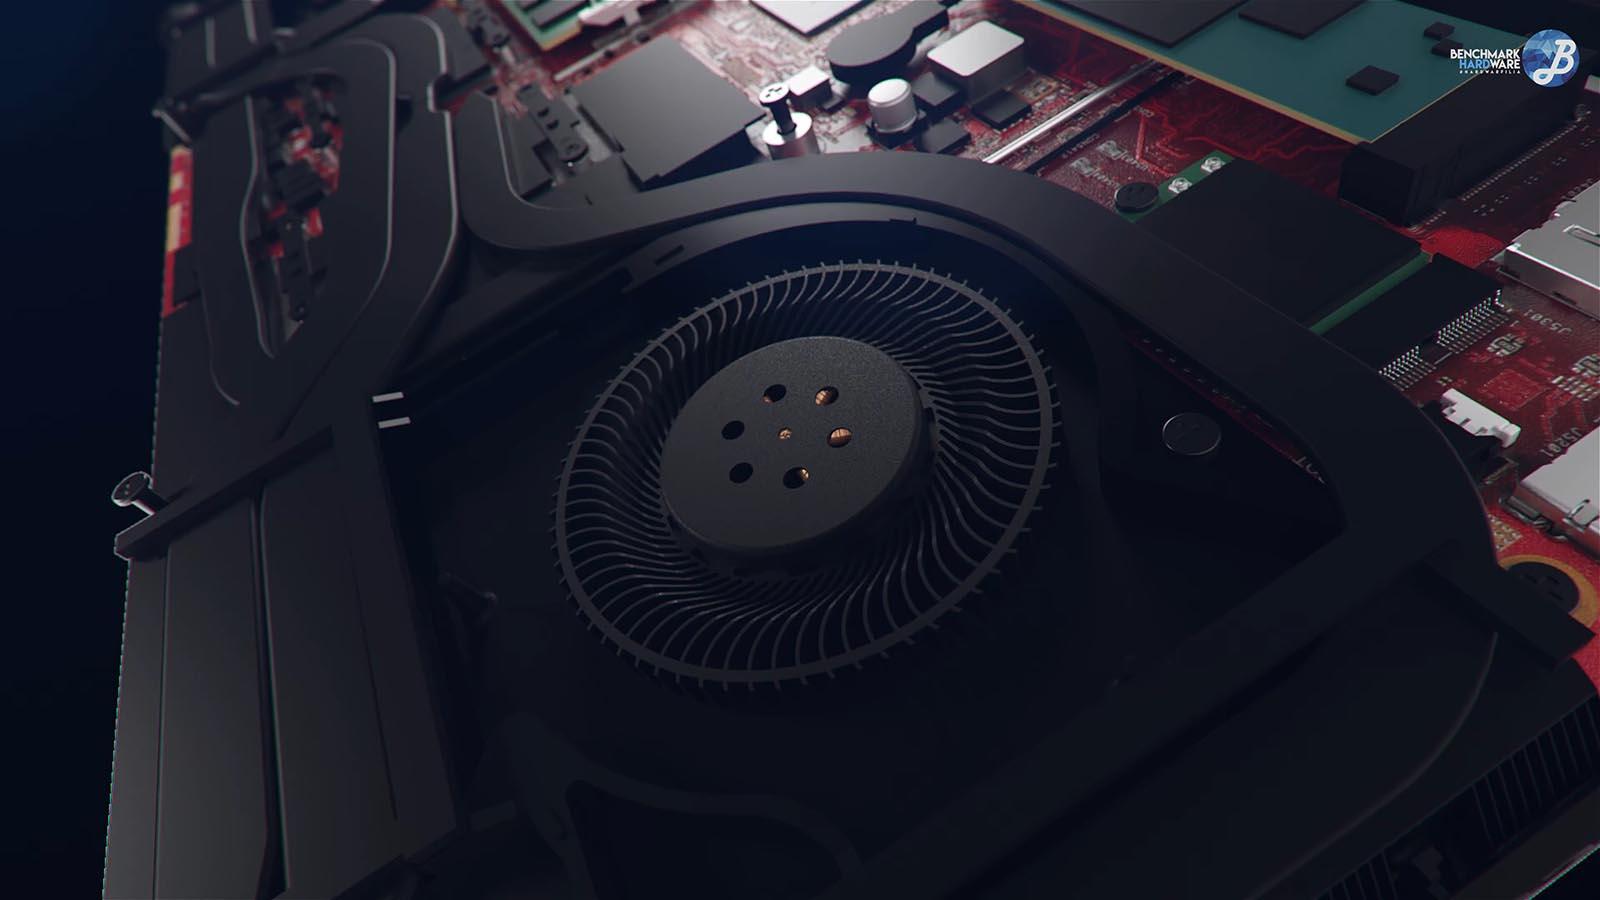 Asus Scar II - Ventilador